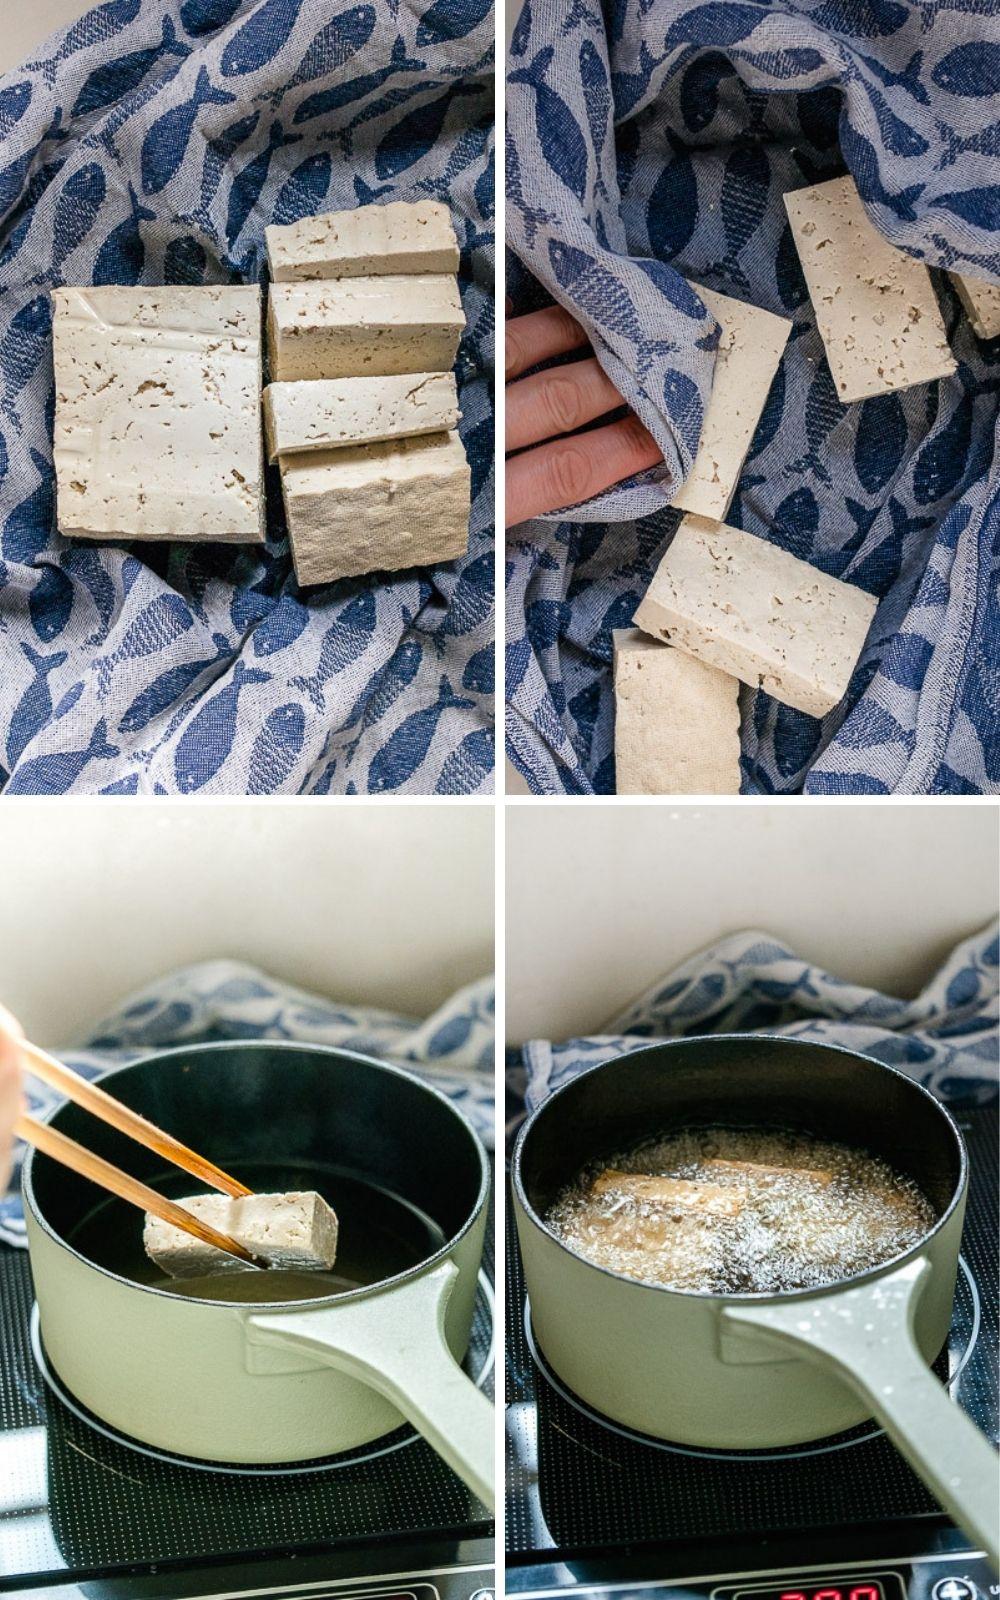 Een simpele (en traditionele) bereiding van tofu waardoor het een heel andere textuur krijgt: in blokjes snijden en frituren. De tofu wordt dan stevig aan de buitenkant en zacht en sponzig vanbinnen.